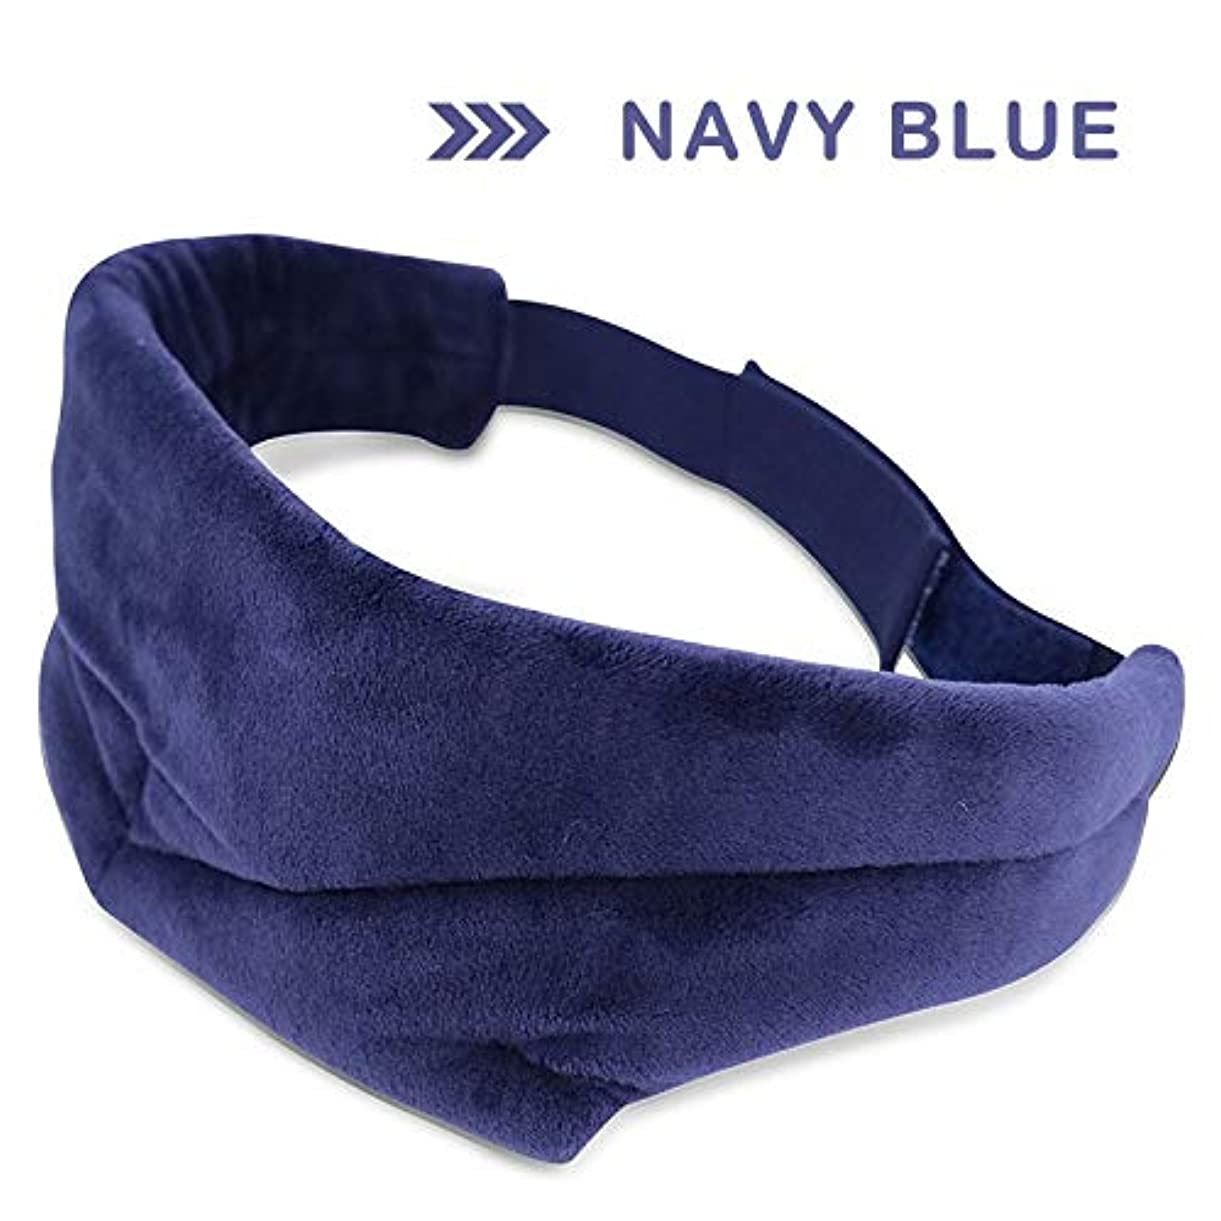 召喚する嫉妬メンバーNOTE 睡眠マスク新しい超柔らかい生地ポータブルアイパッチ睡眠アイマスク包帯用睡眠アイマッサージ3色緩和疲労